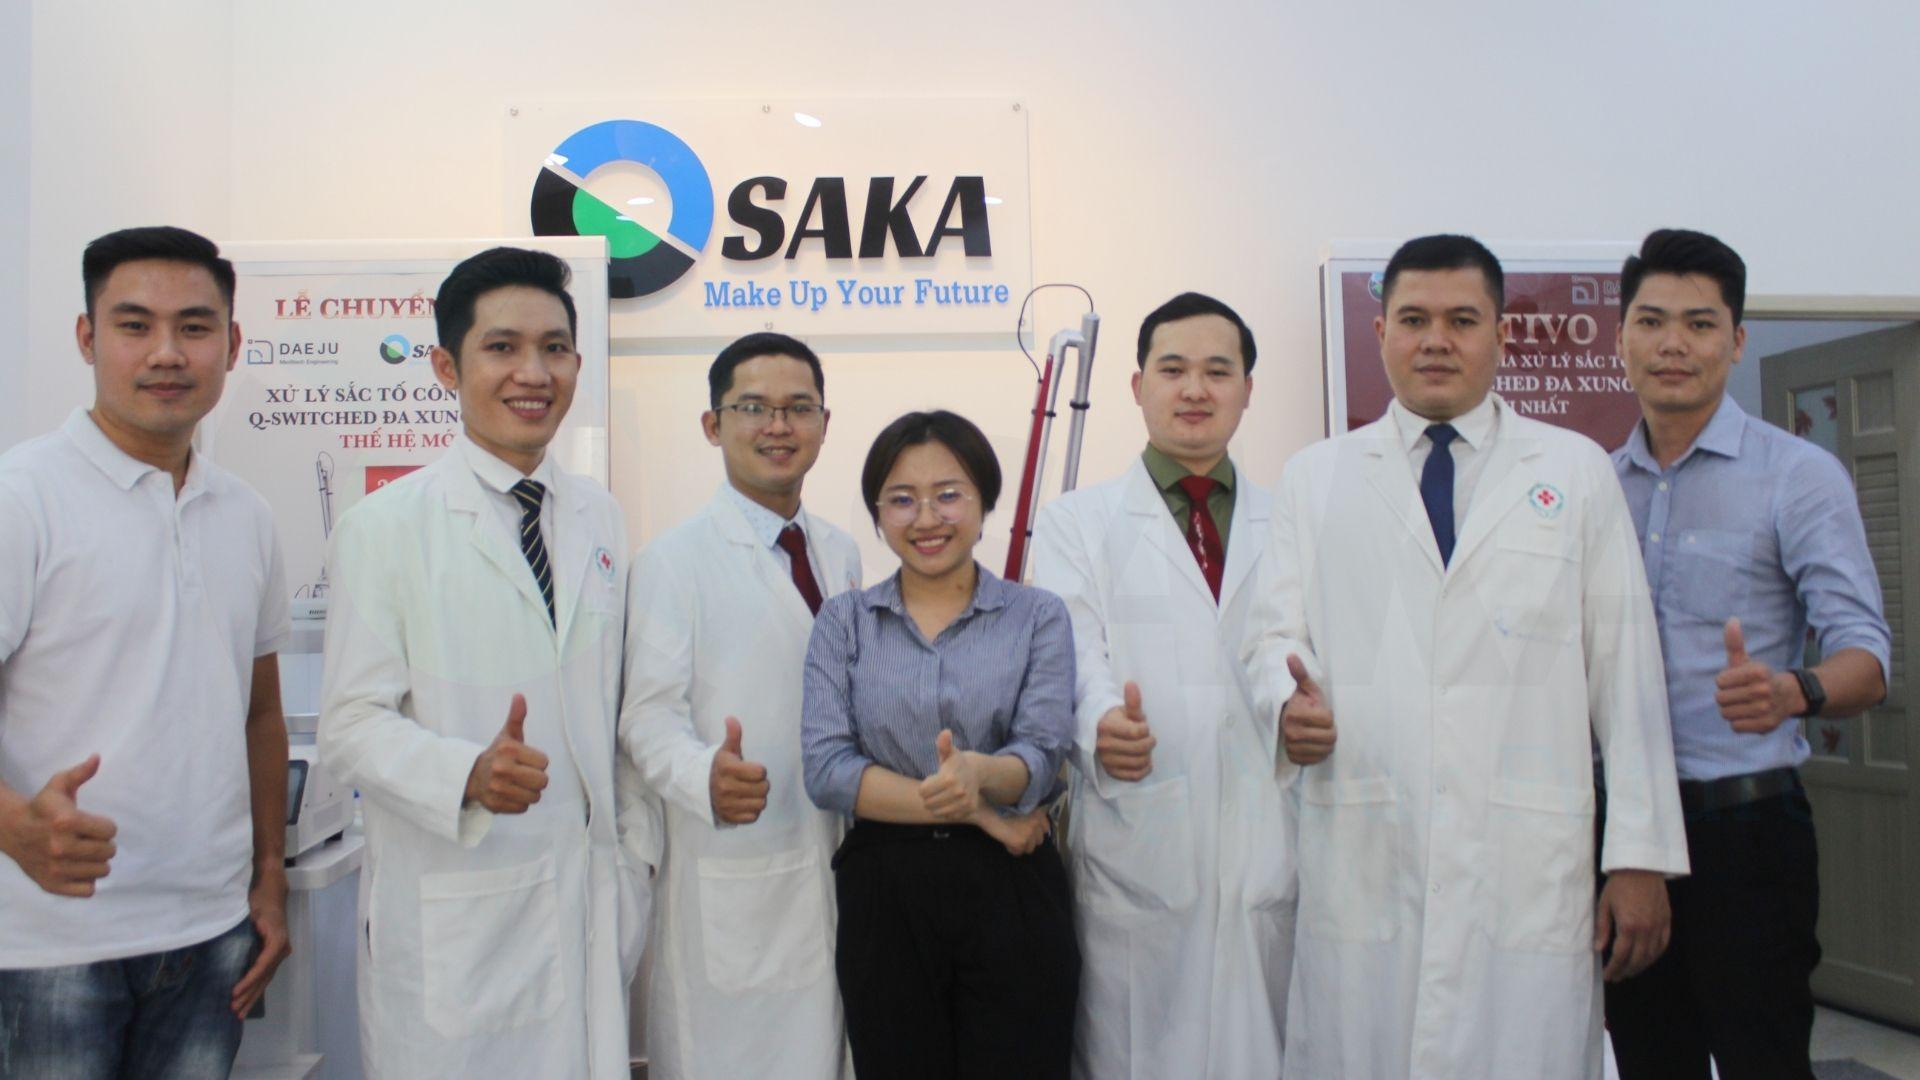 Sửa chữa máy nâng cơ mặt tại OSAKA